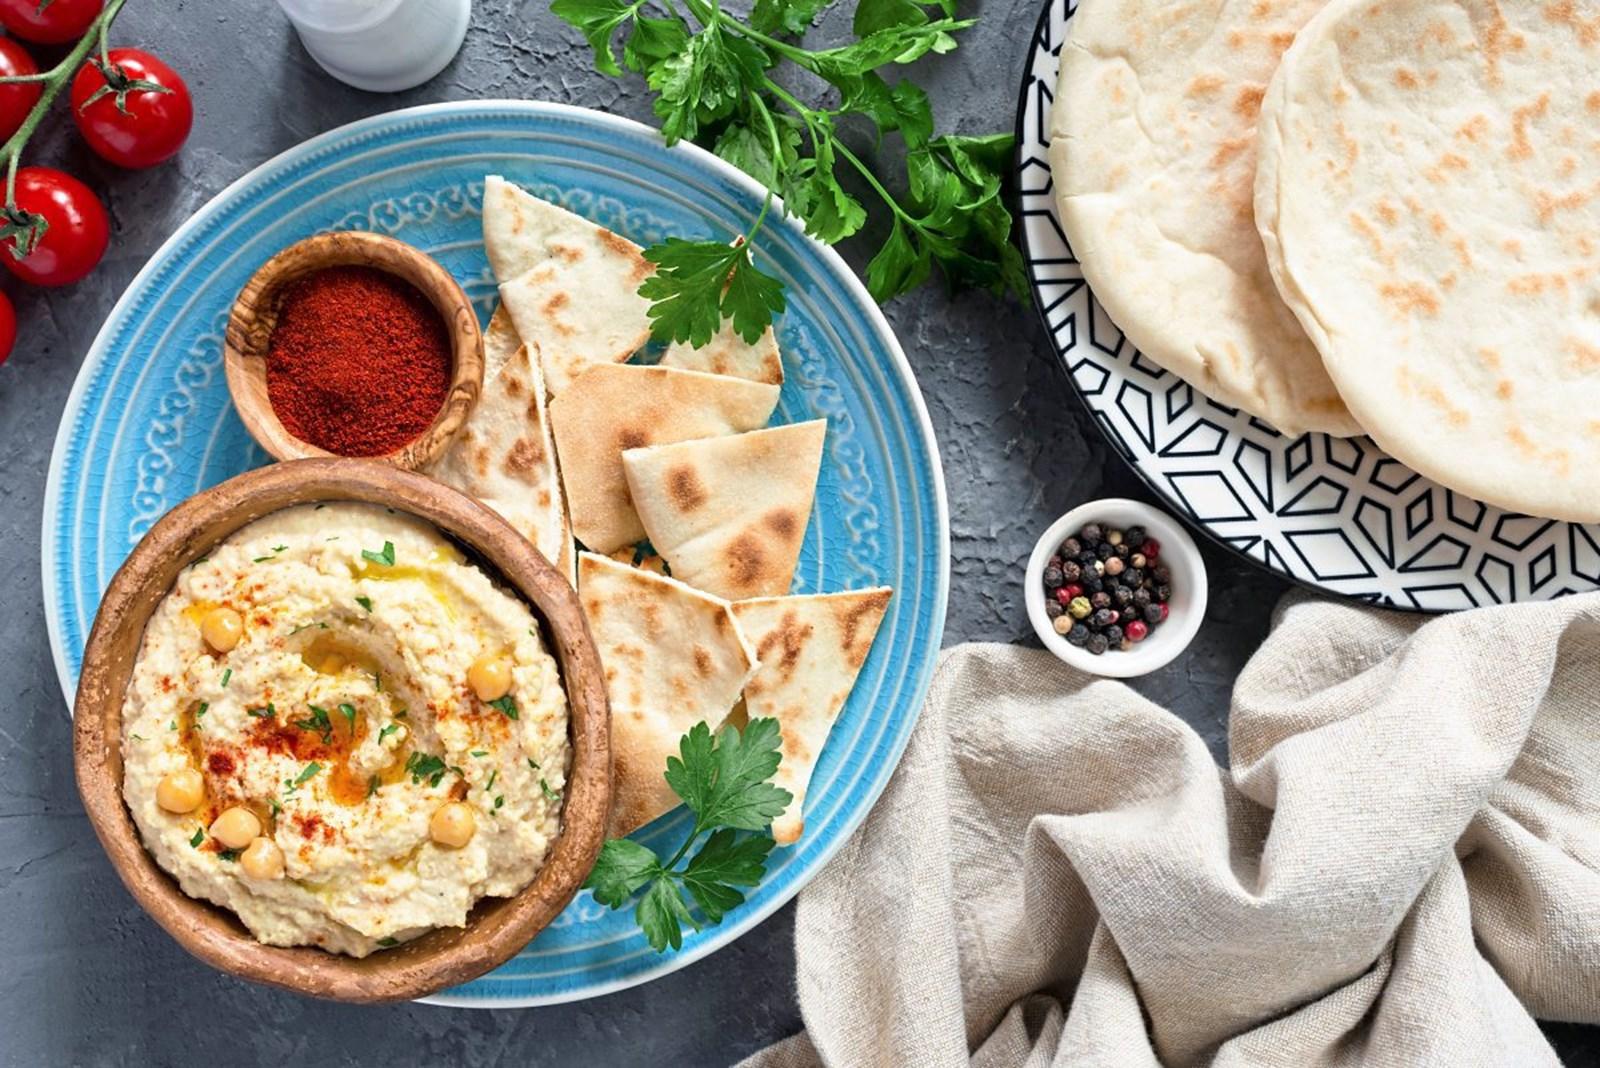 Hummus enthält oft Zusatzstoffe